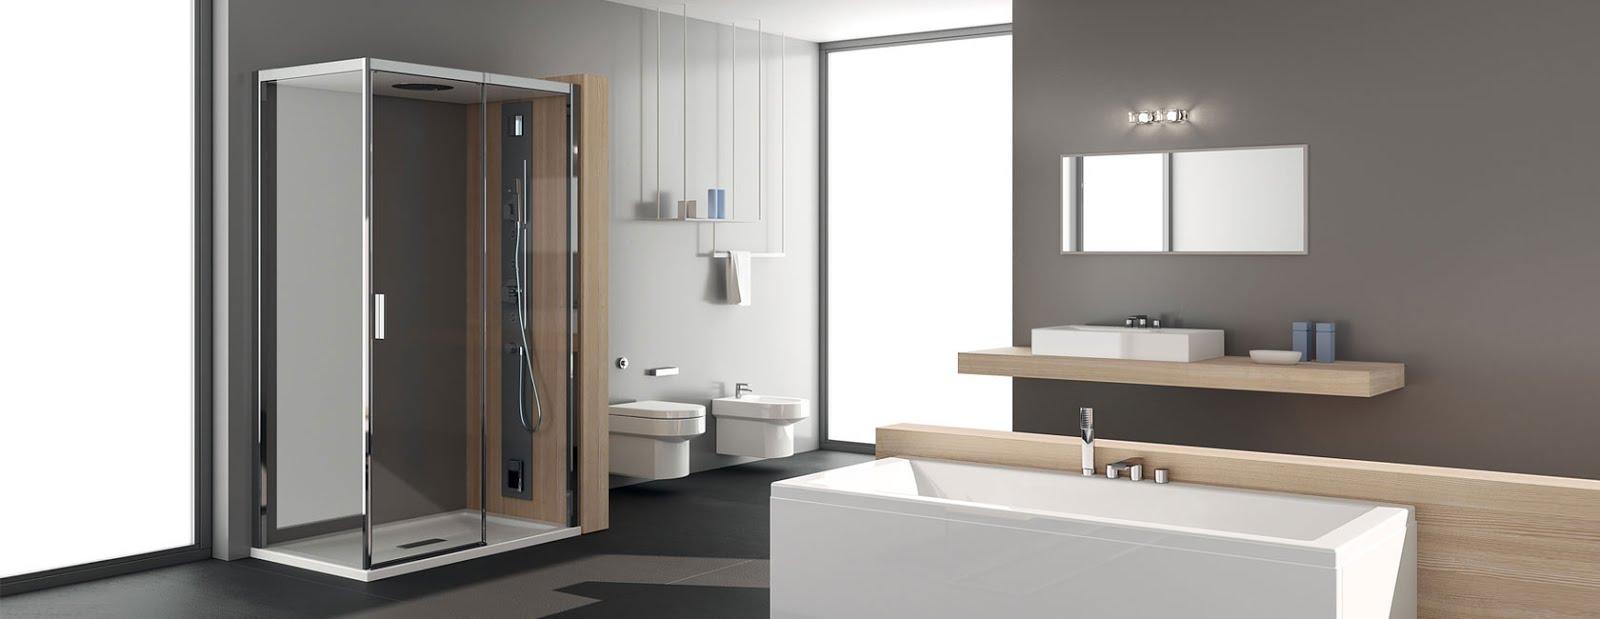 Italian Bathroom Furniture Brands  Minimal Baroque Living Room. Italian Bathroom Furniture Design   Jallen net